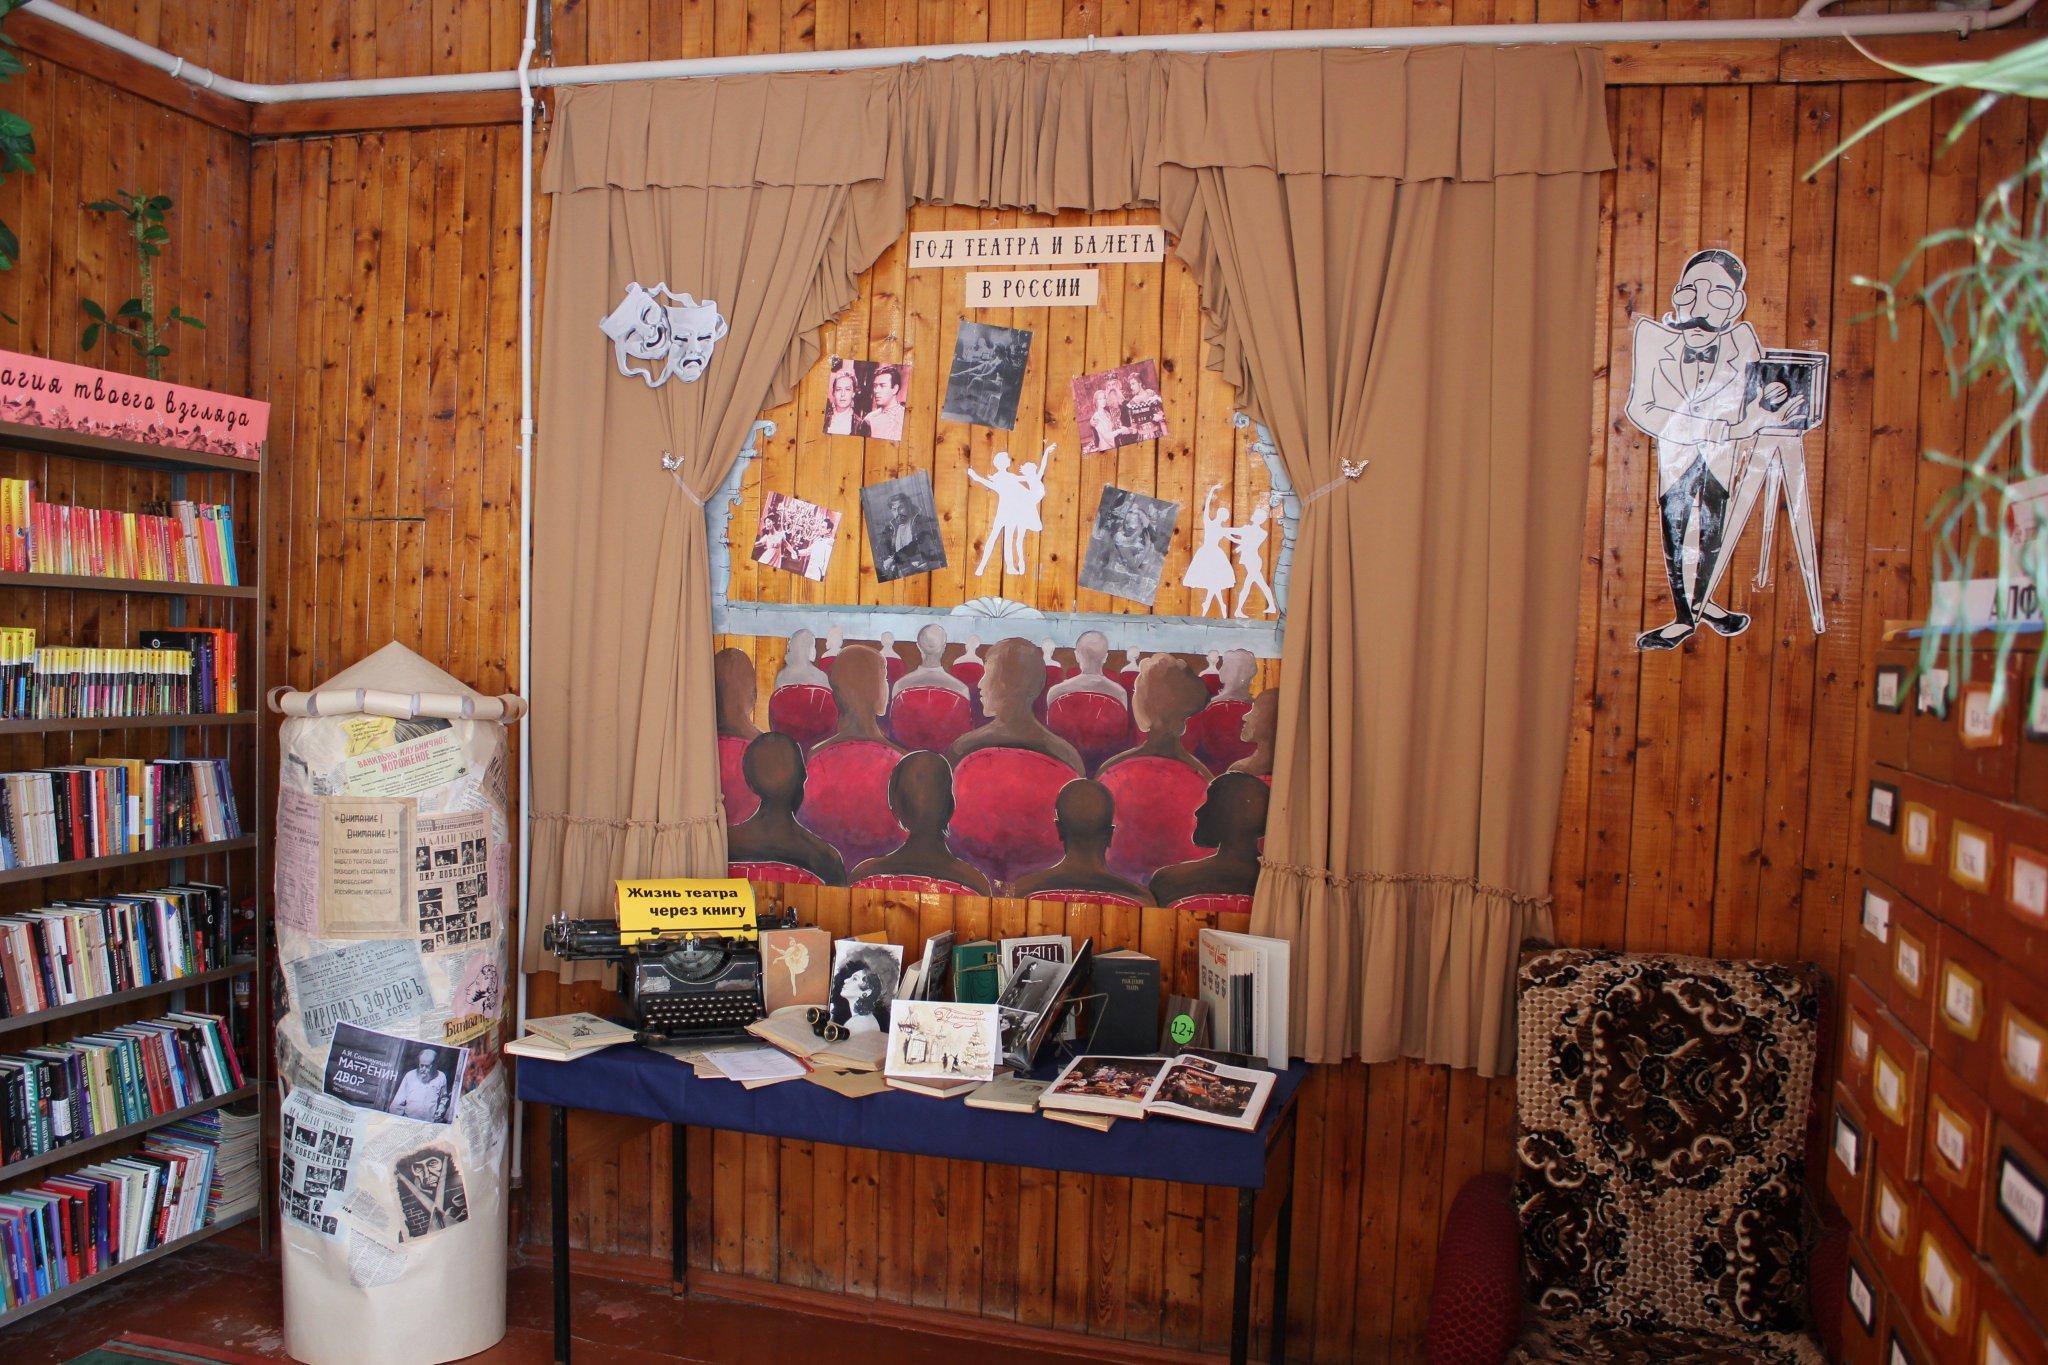 Картинки для оформления выставки к году театра